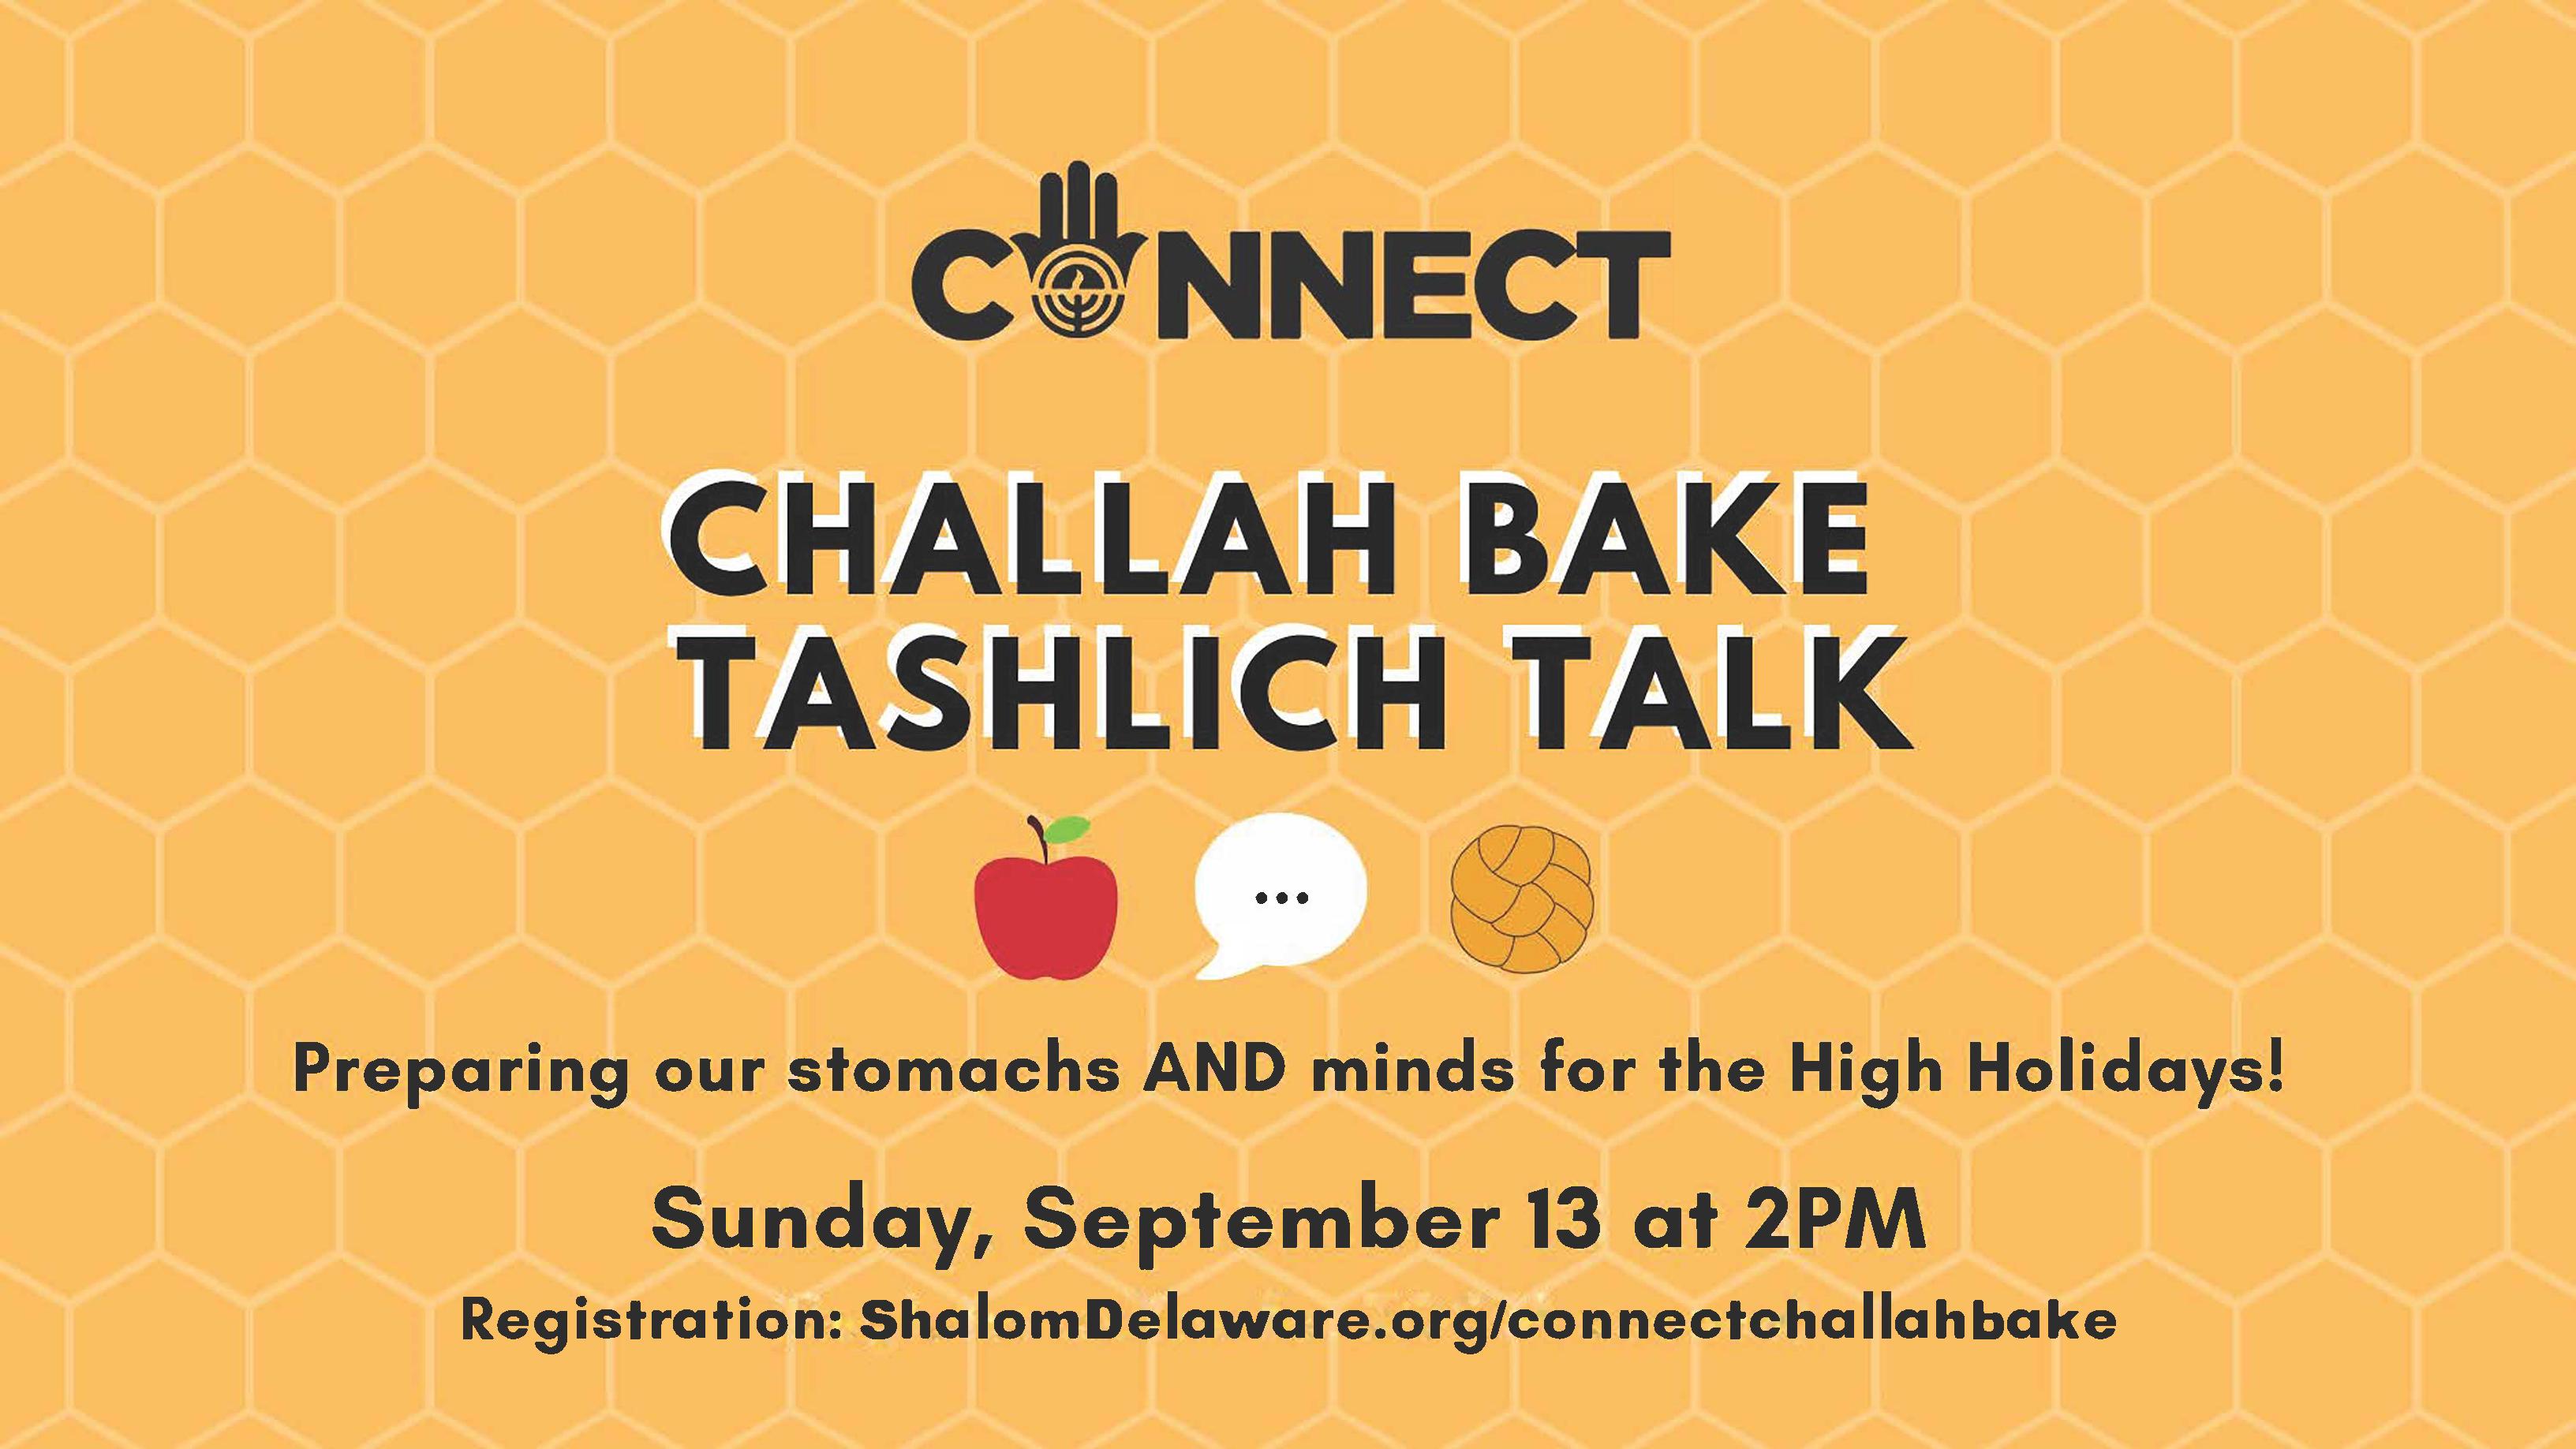 CONNECT Challah Bake